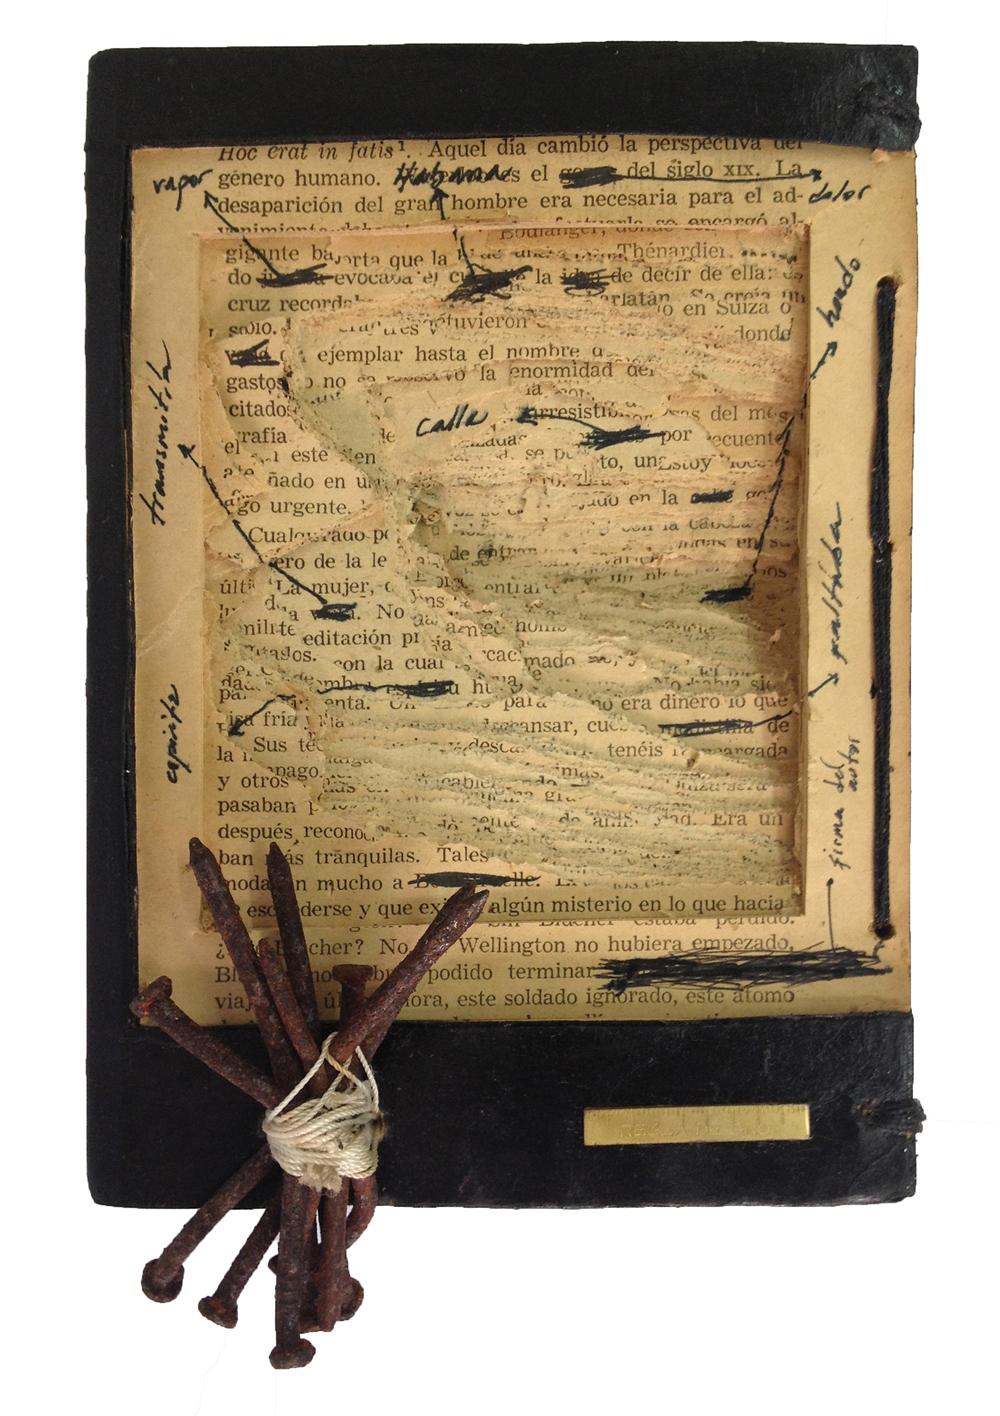 """Adonis Ferro, Regla de Oro, 2013, book-object, 8.26"""" x 7.08"""" x 1.81."""" Courtesy of the artist."""